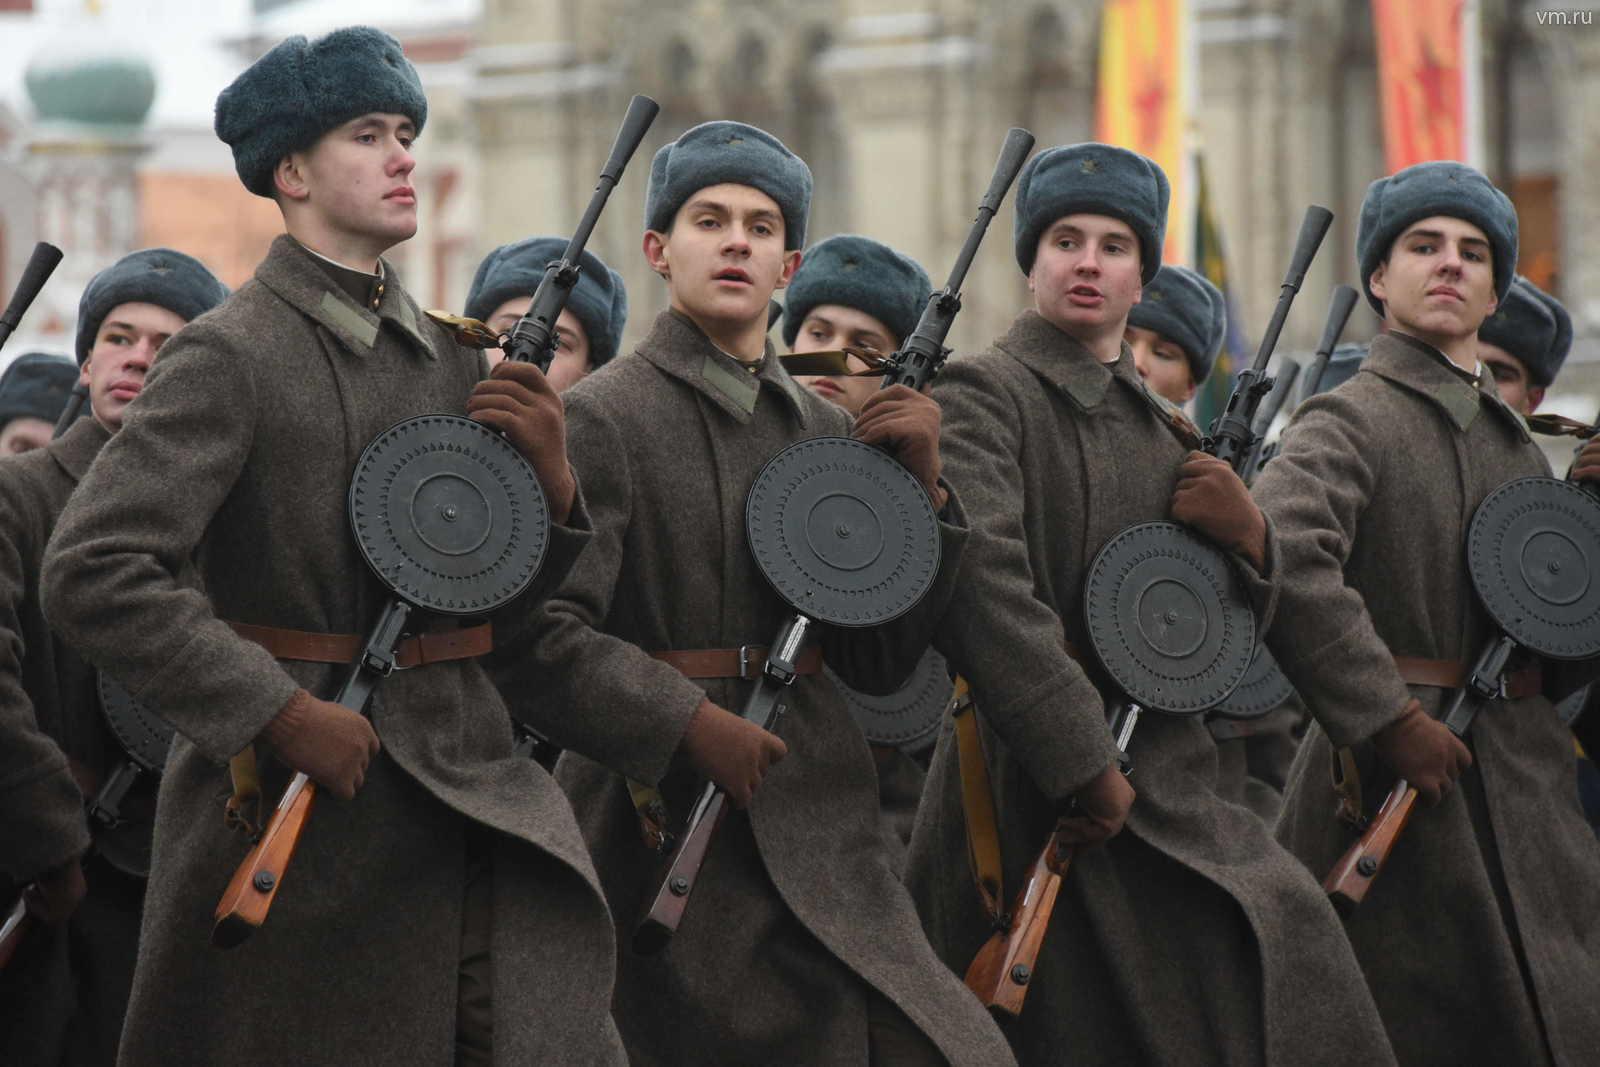 Генеральную репетицию военного парада провели на Красной площади